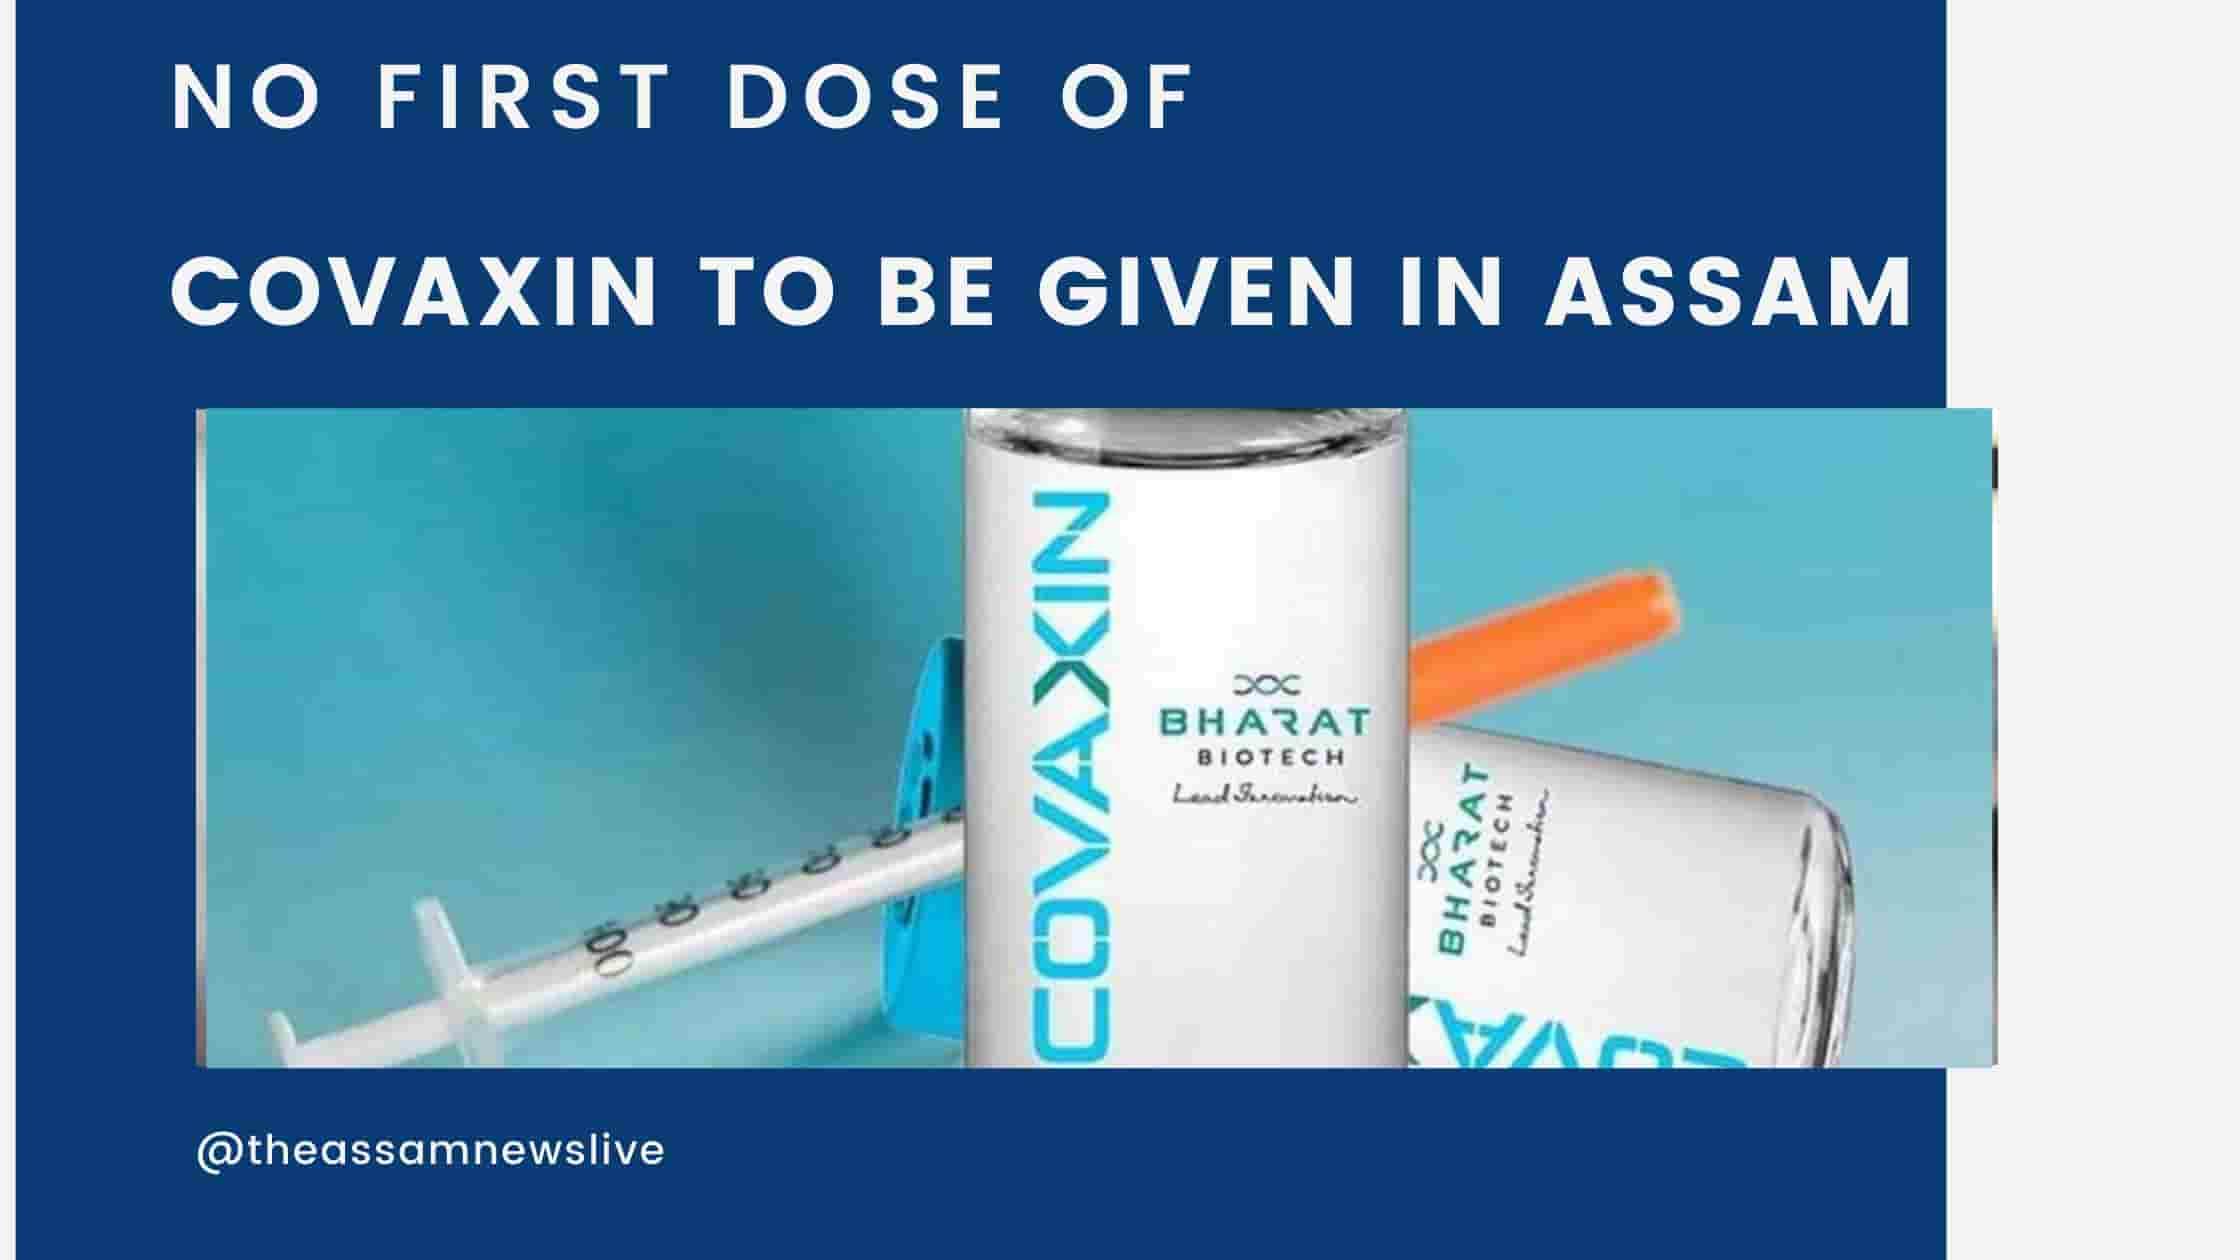 Covaxin in Assam